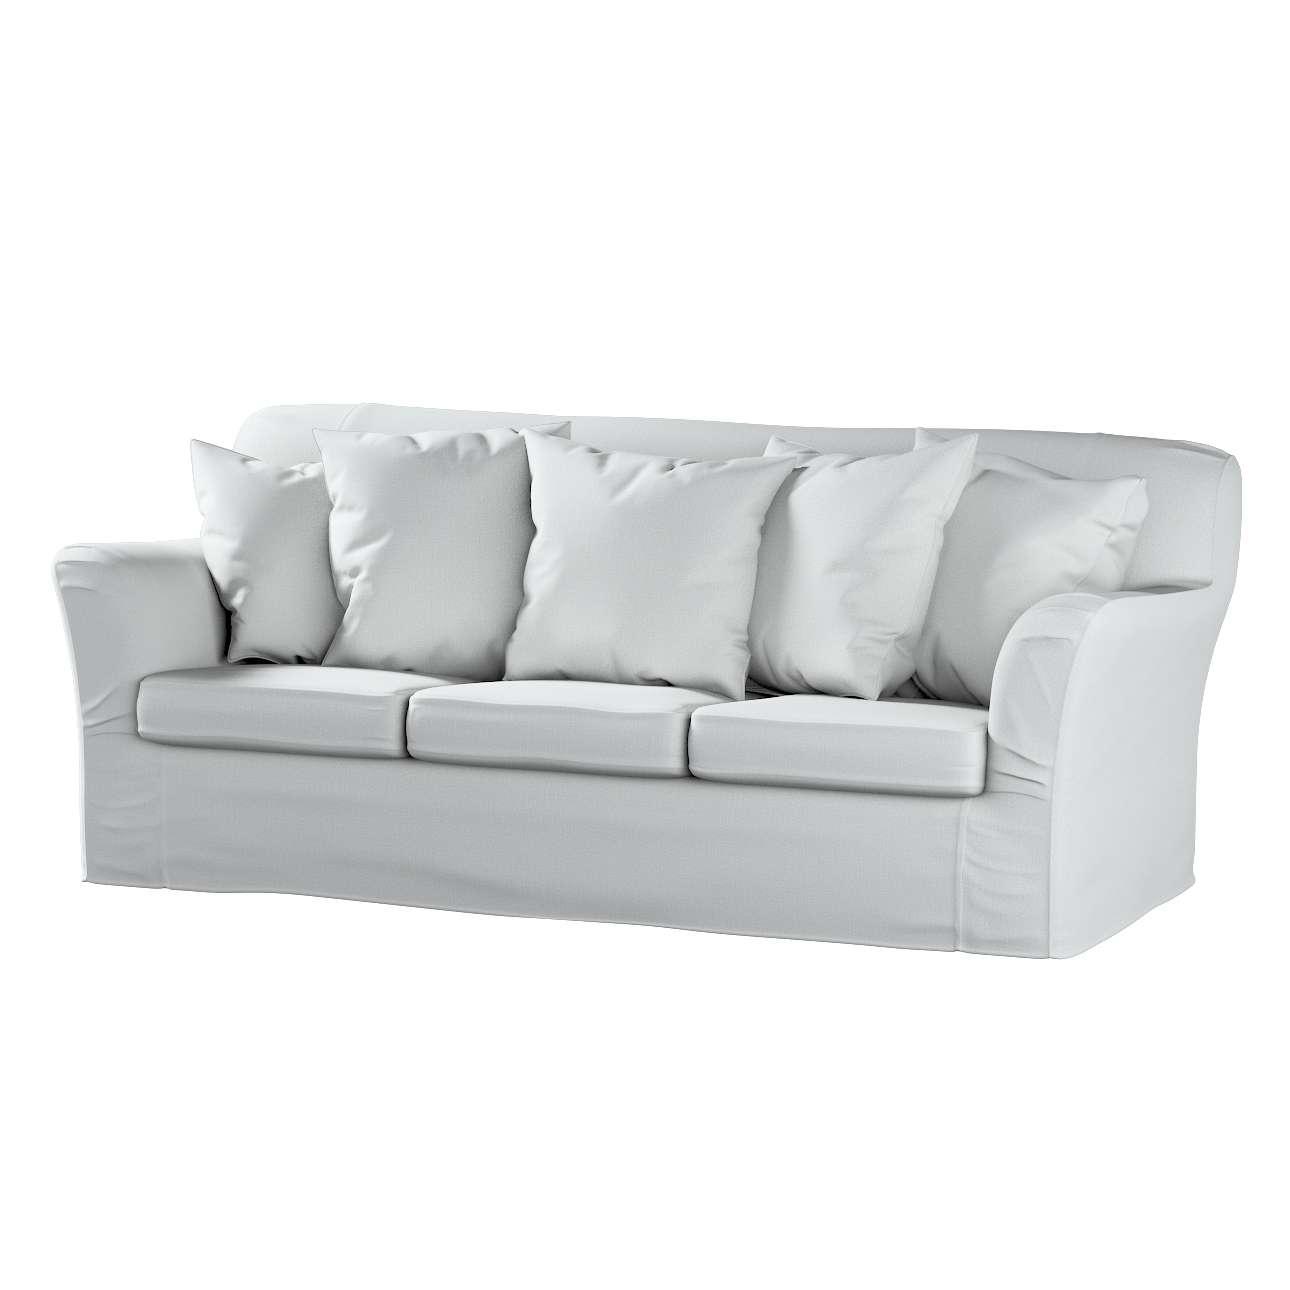 Pokrowiec na sofę Tomelilla 3-osobową nierozkładaną w kolekcji Living II, tkanina: 161-18